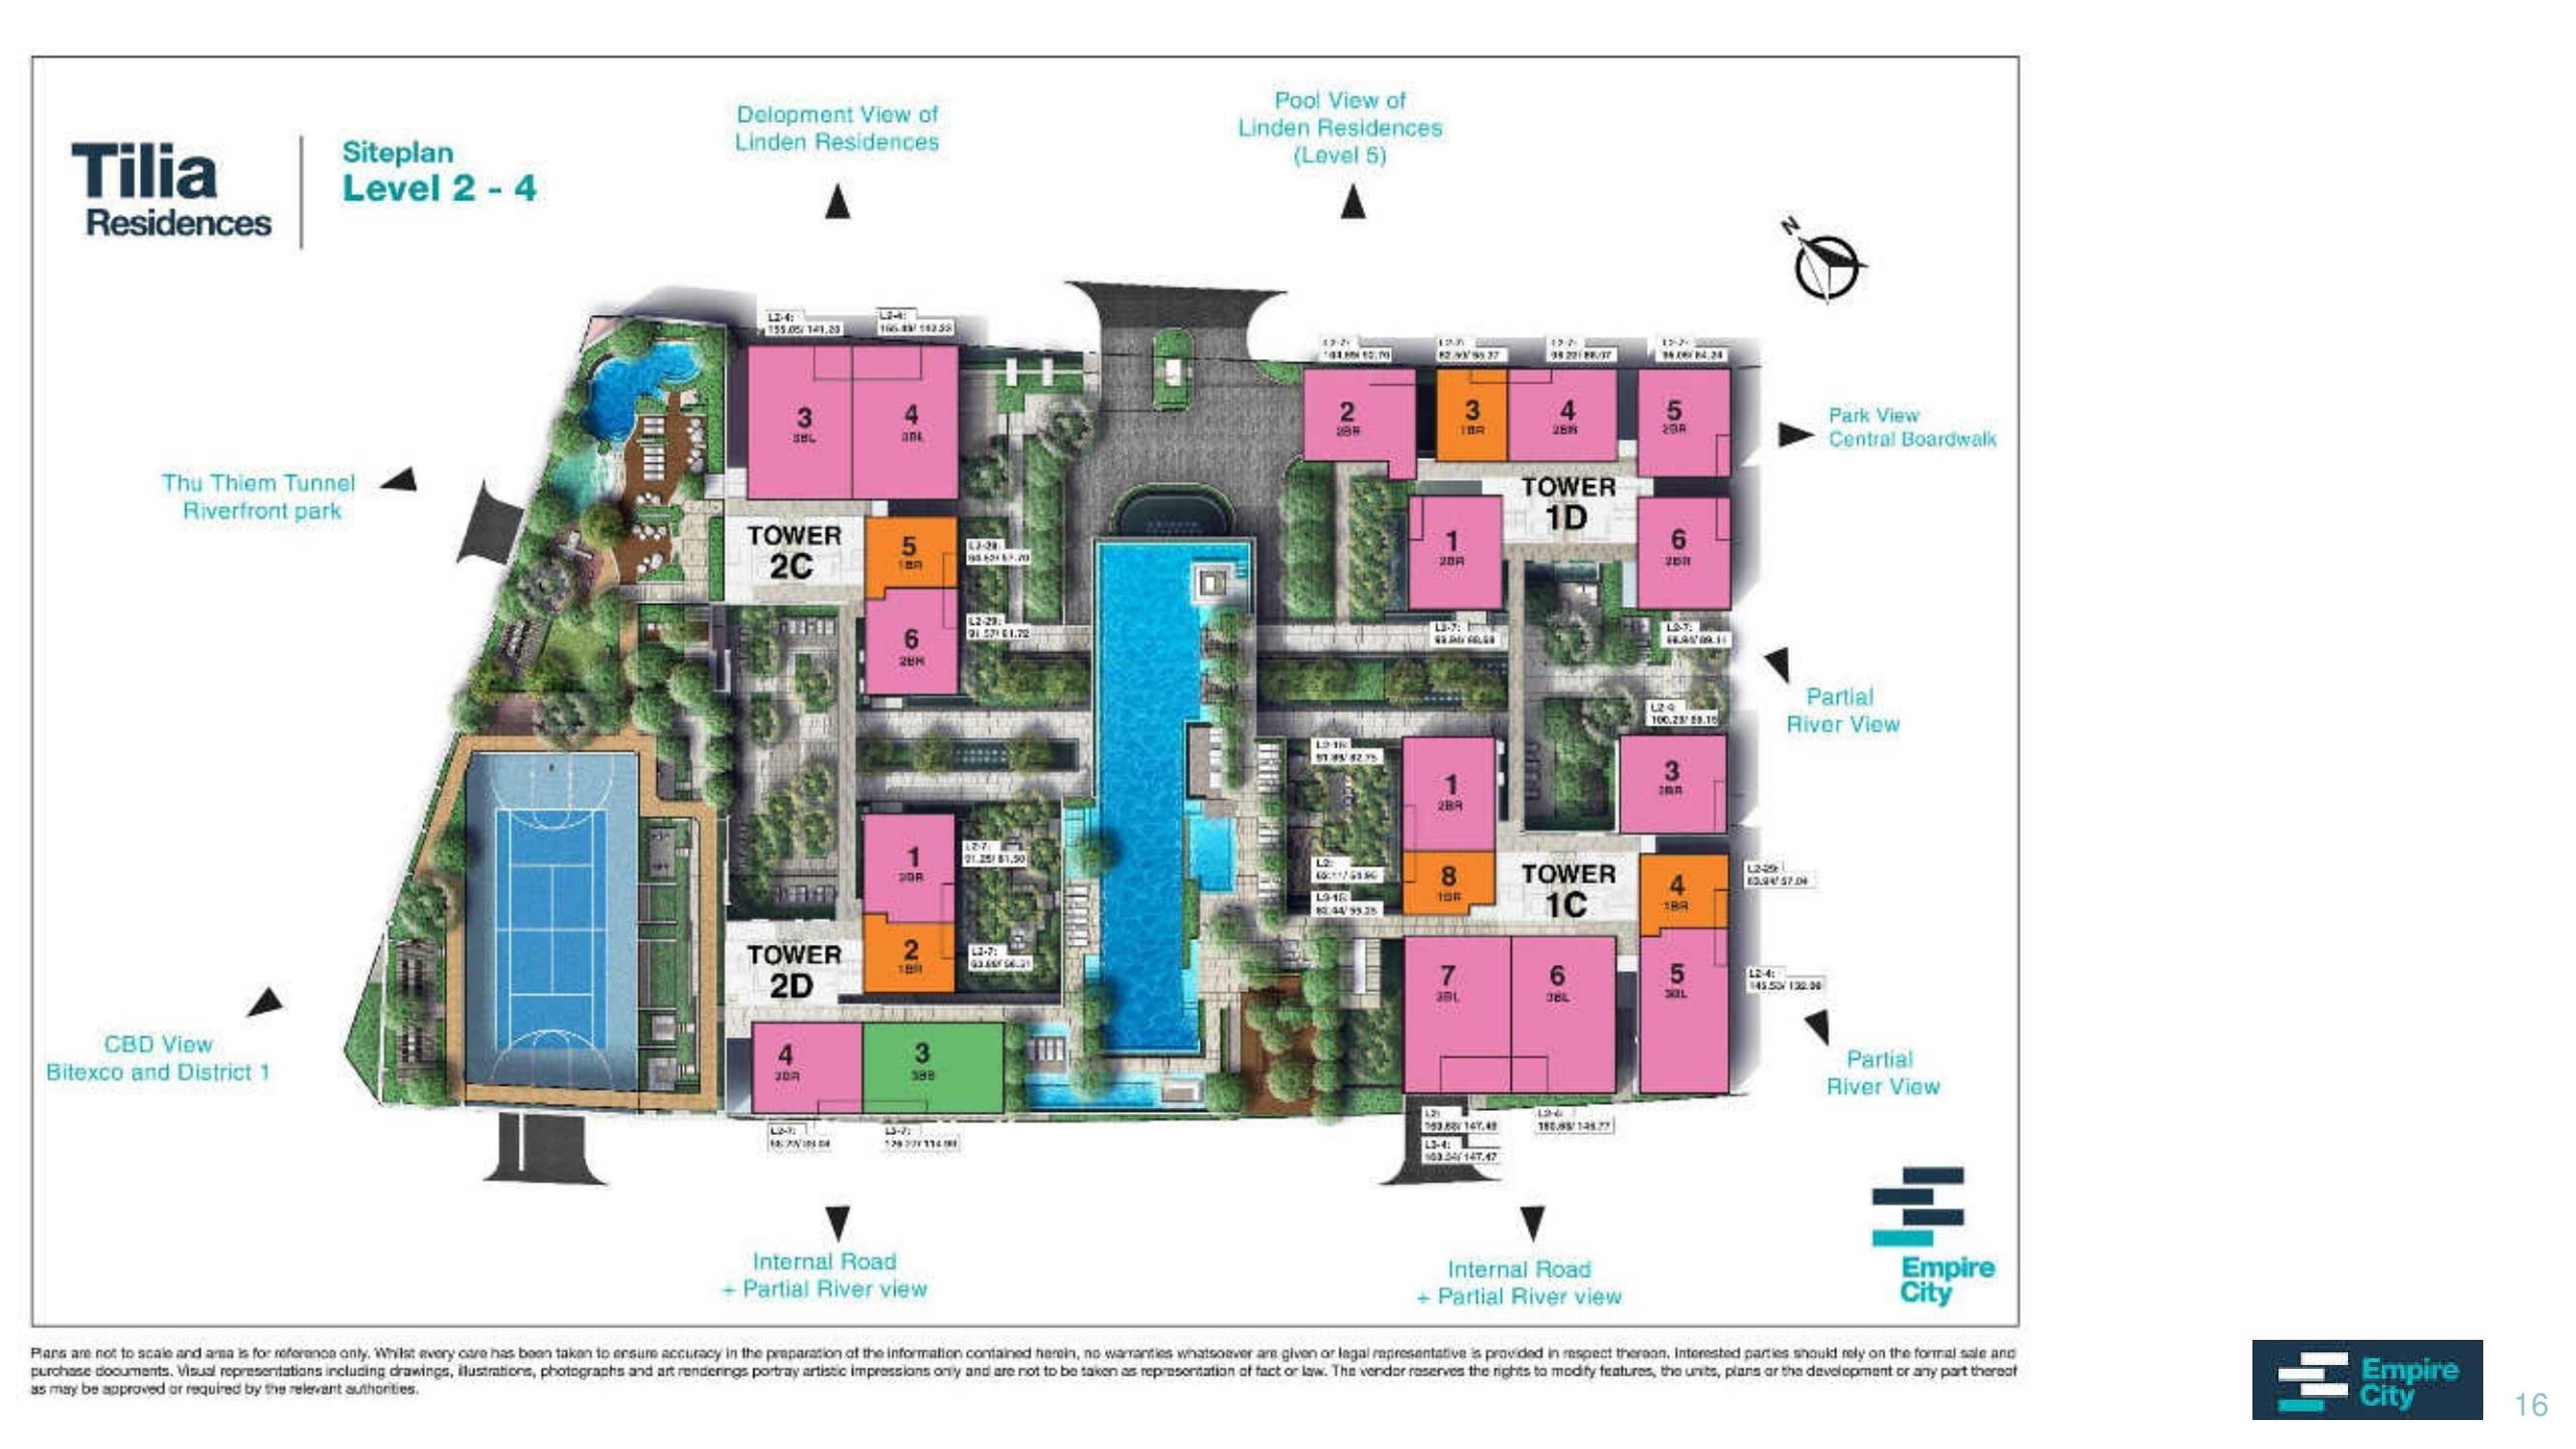 mb-tang-2-4-tilia-residences-1533146770.